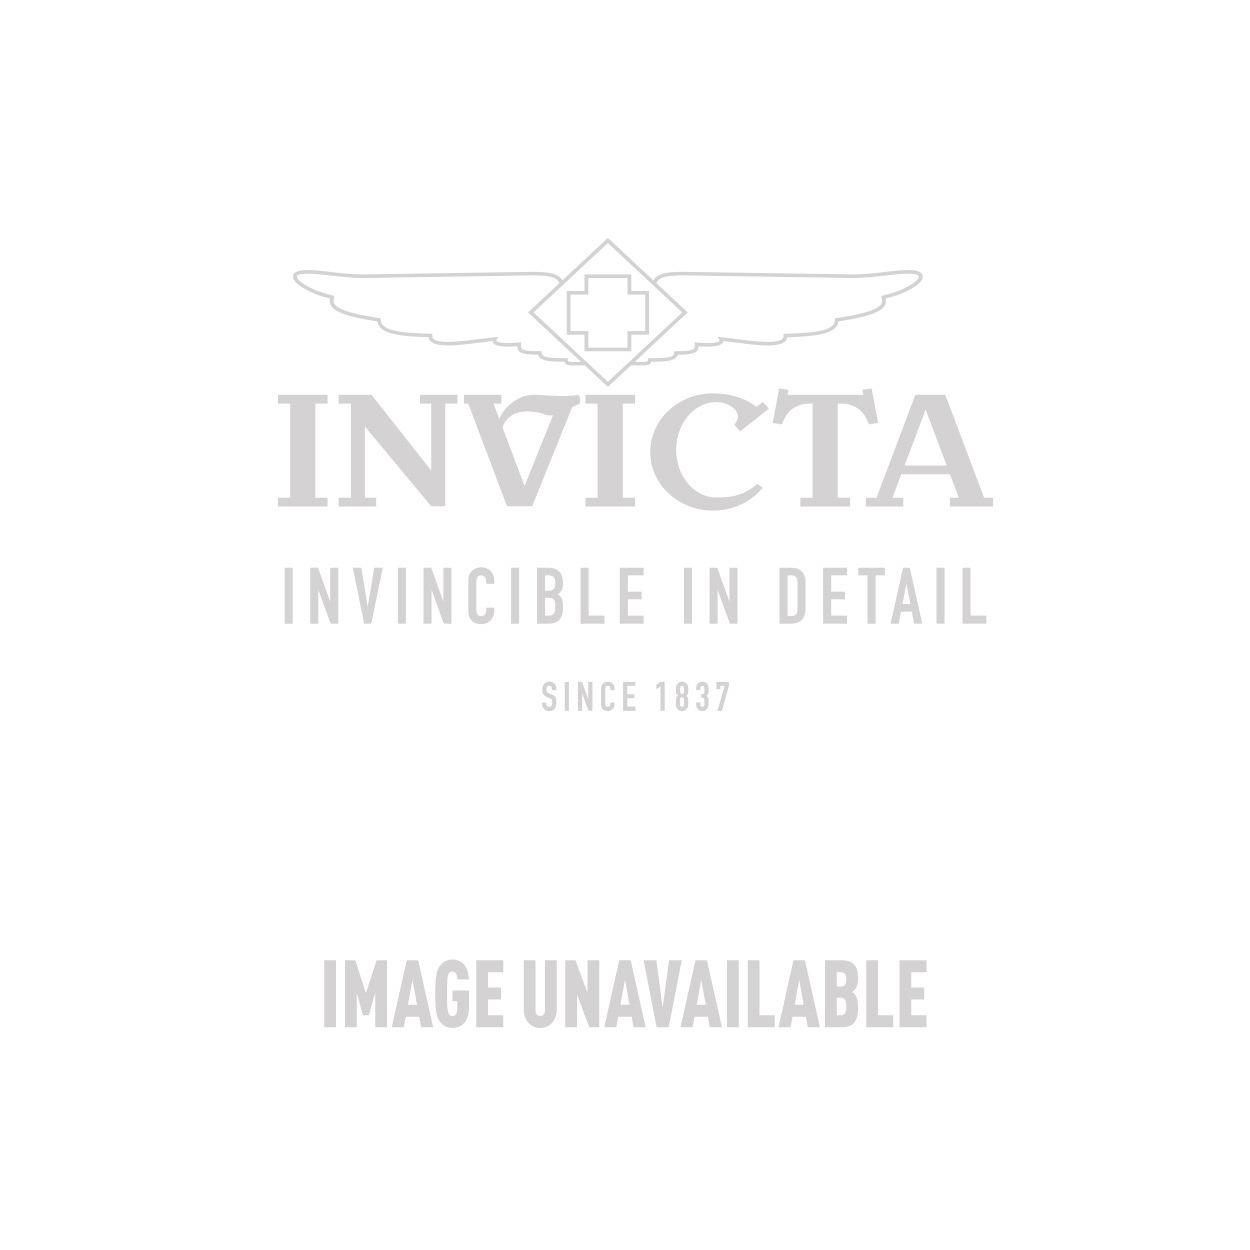 Invicta Model 27362